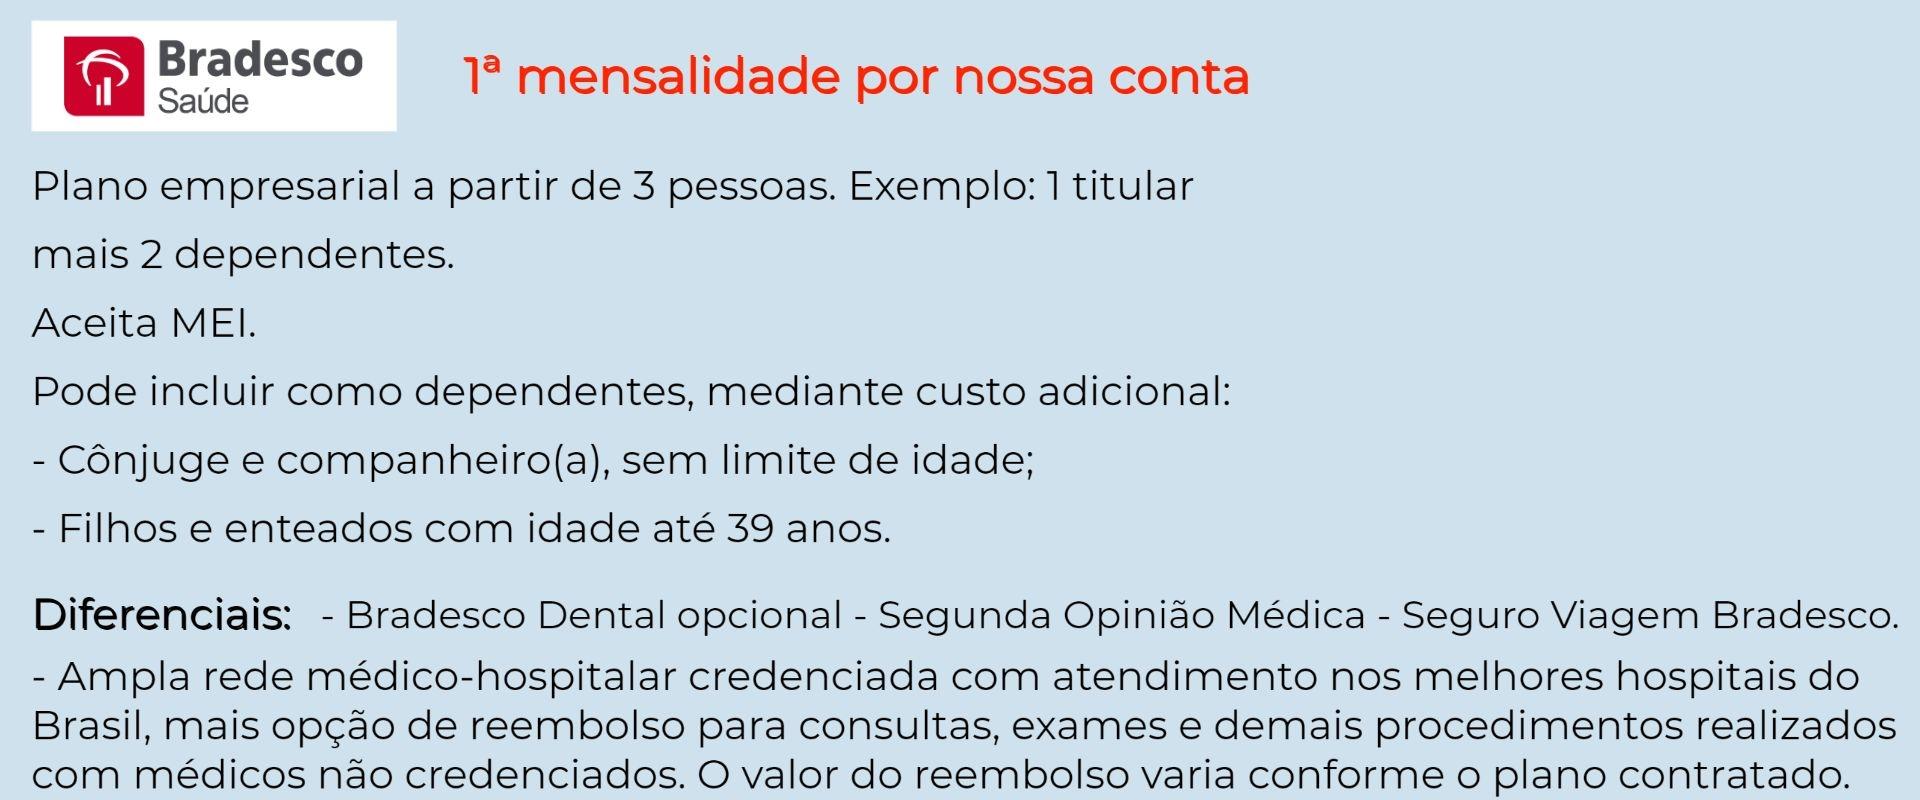 Bradesco Saúde Empresarial - Catanduva